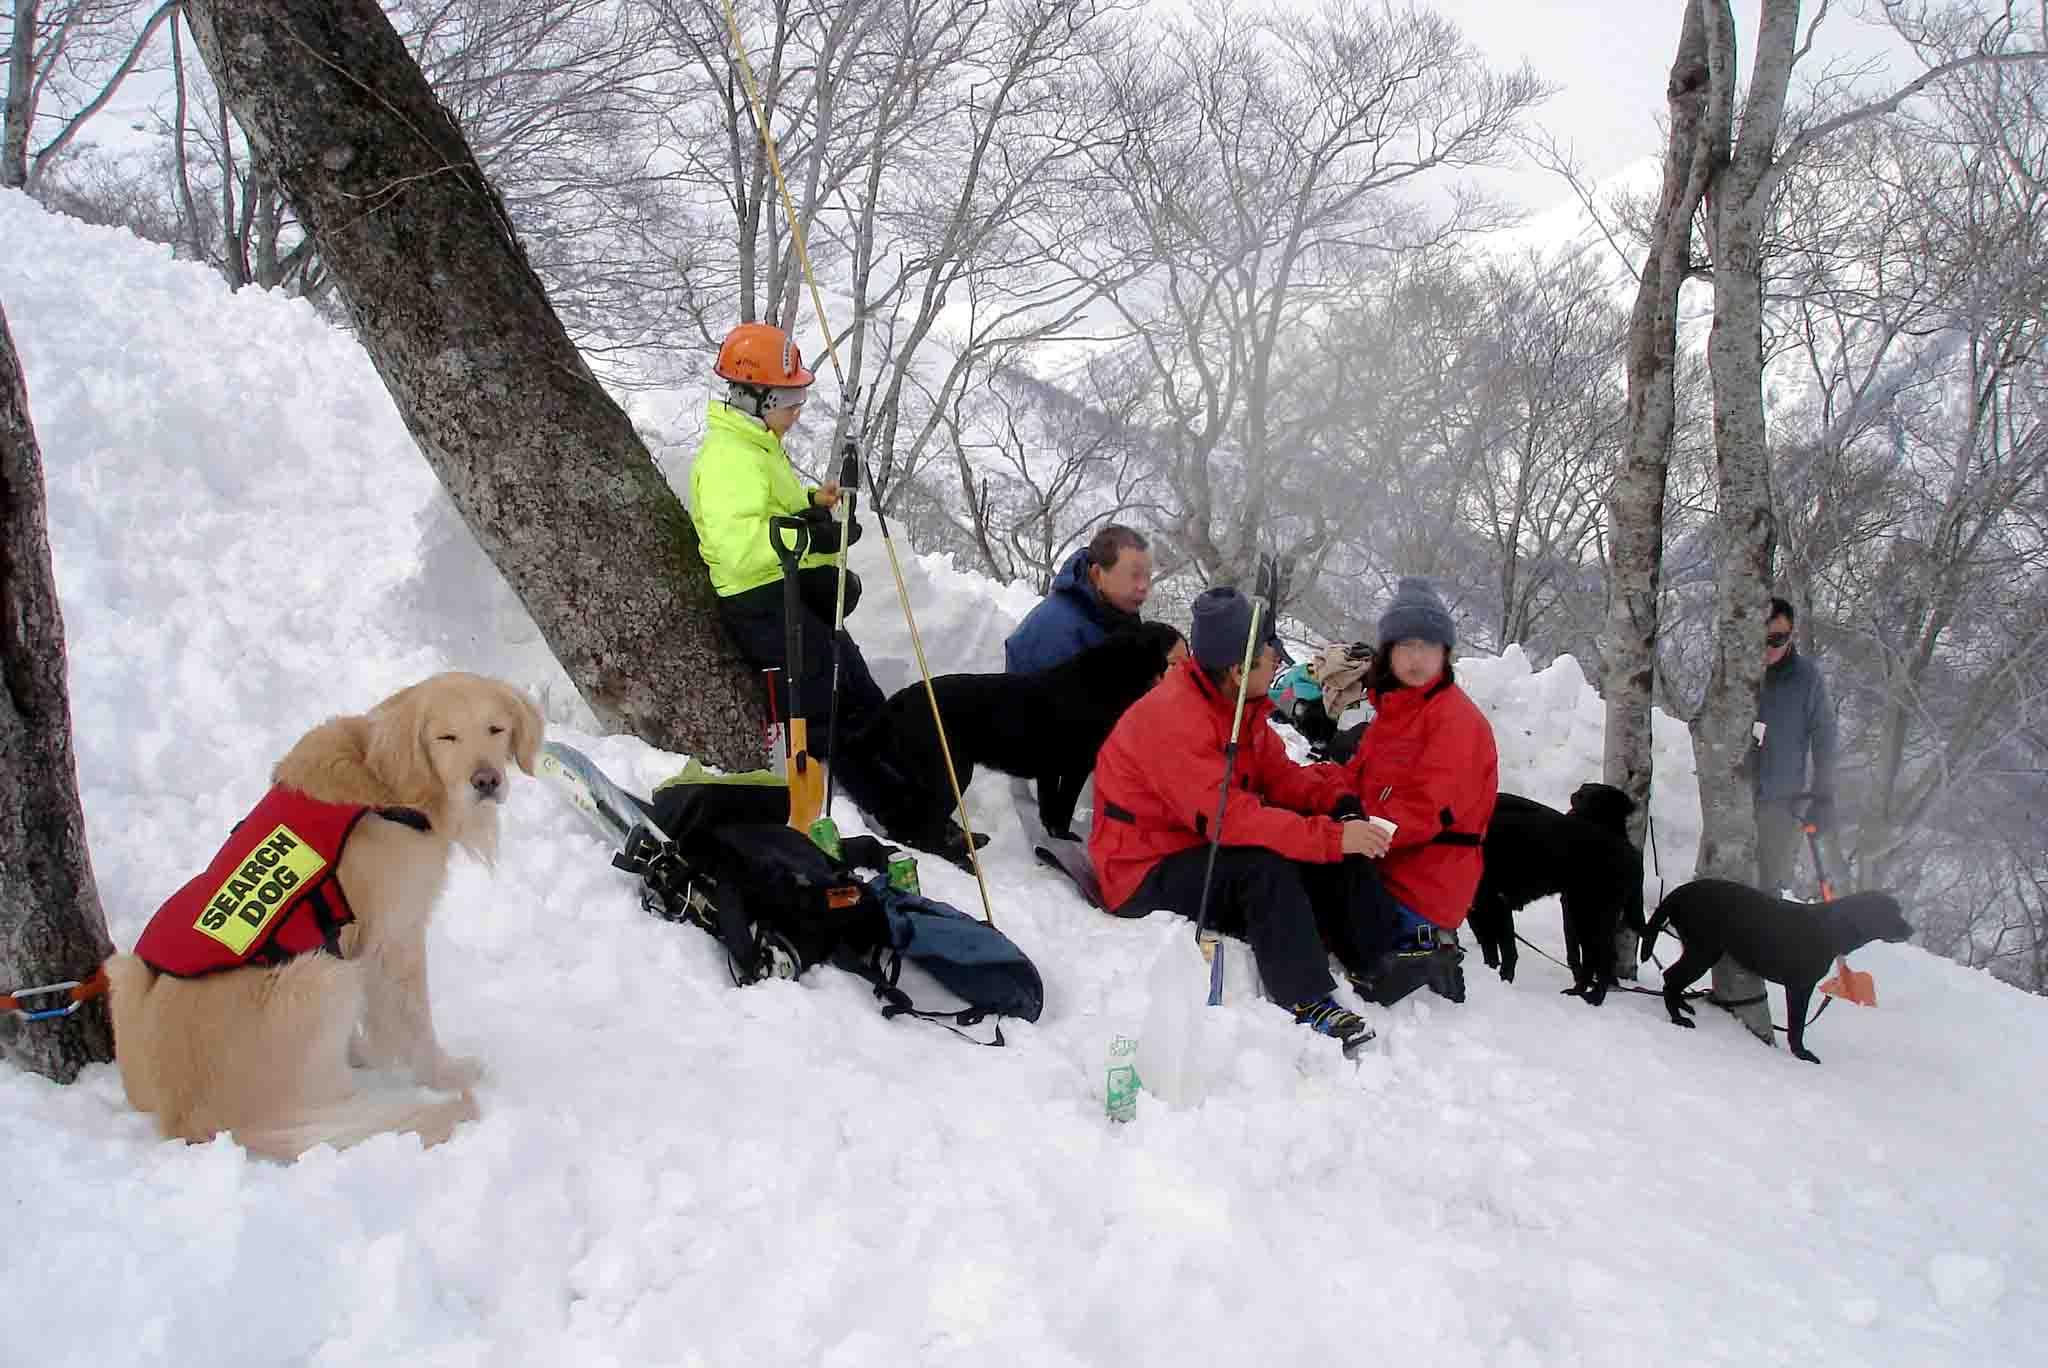 Dsc00304 雪上で楽しく休憩